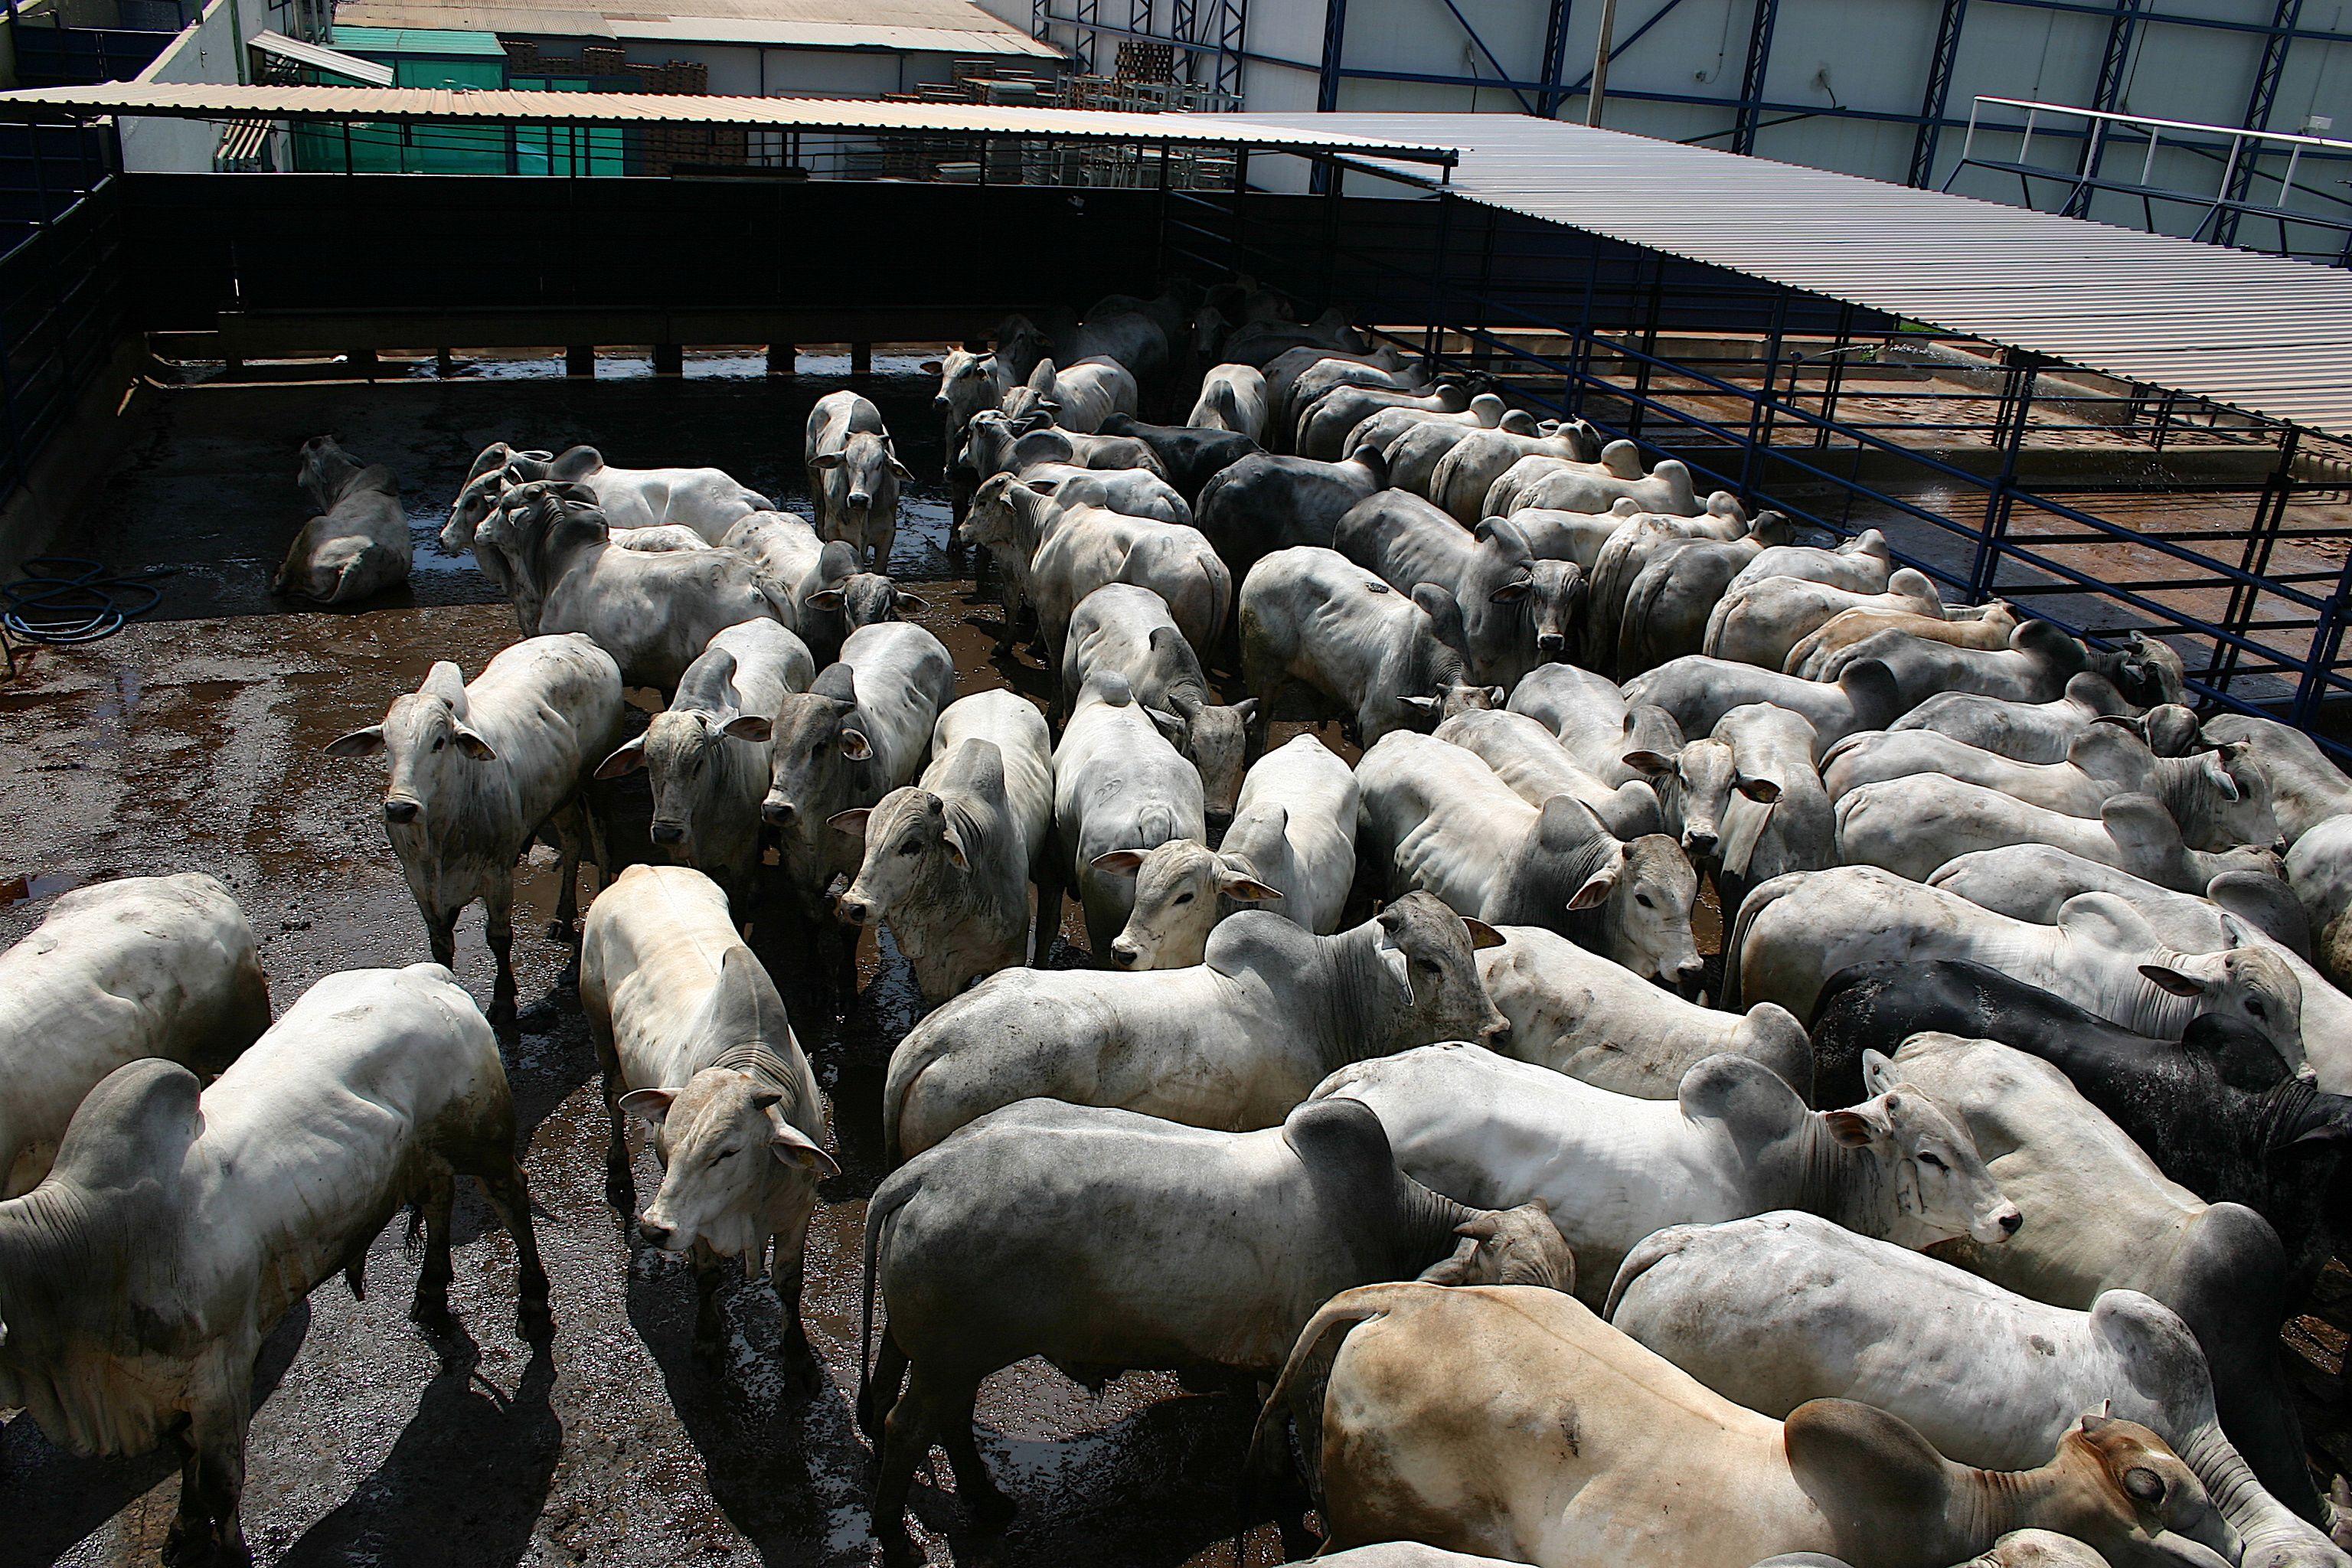 Prévue dans le cadre de l'accord de libre-échange Europe-Mercosur, la viande bovine brésilienne ne répond pas à nos critères sanitaires